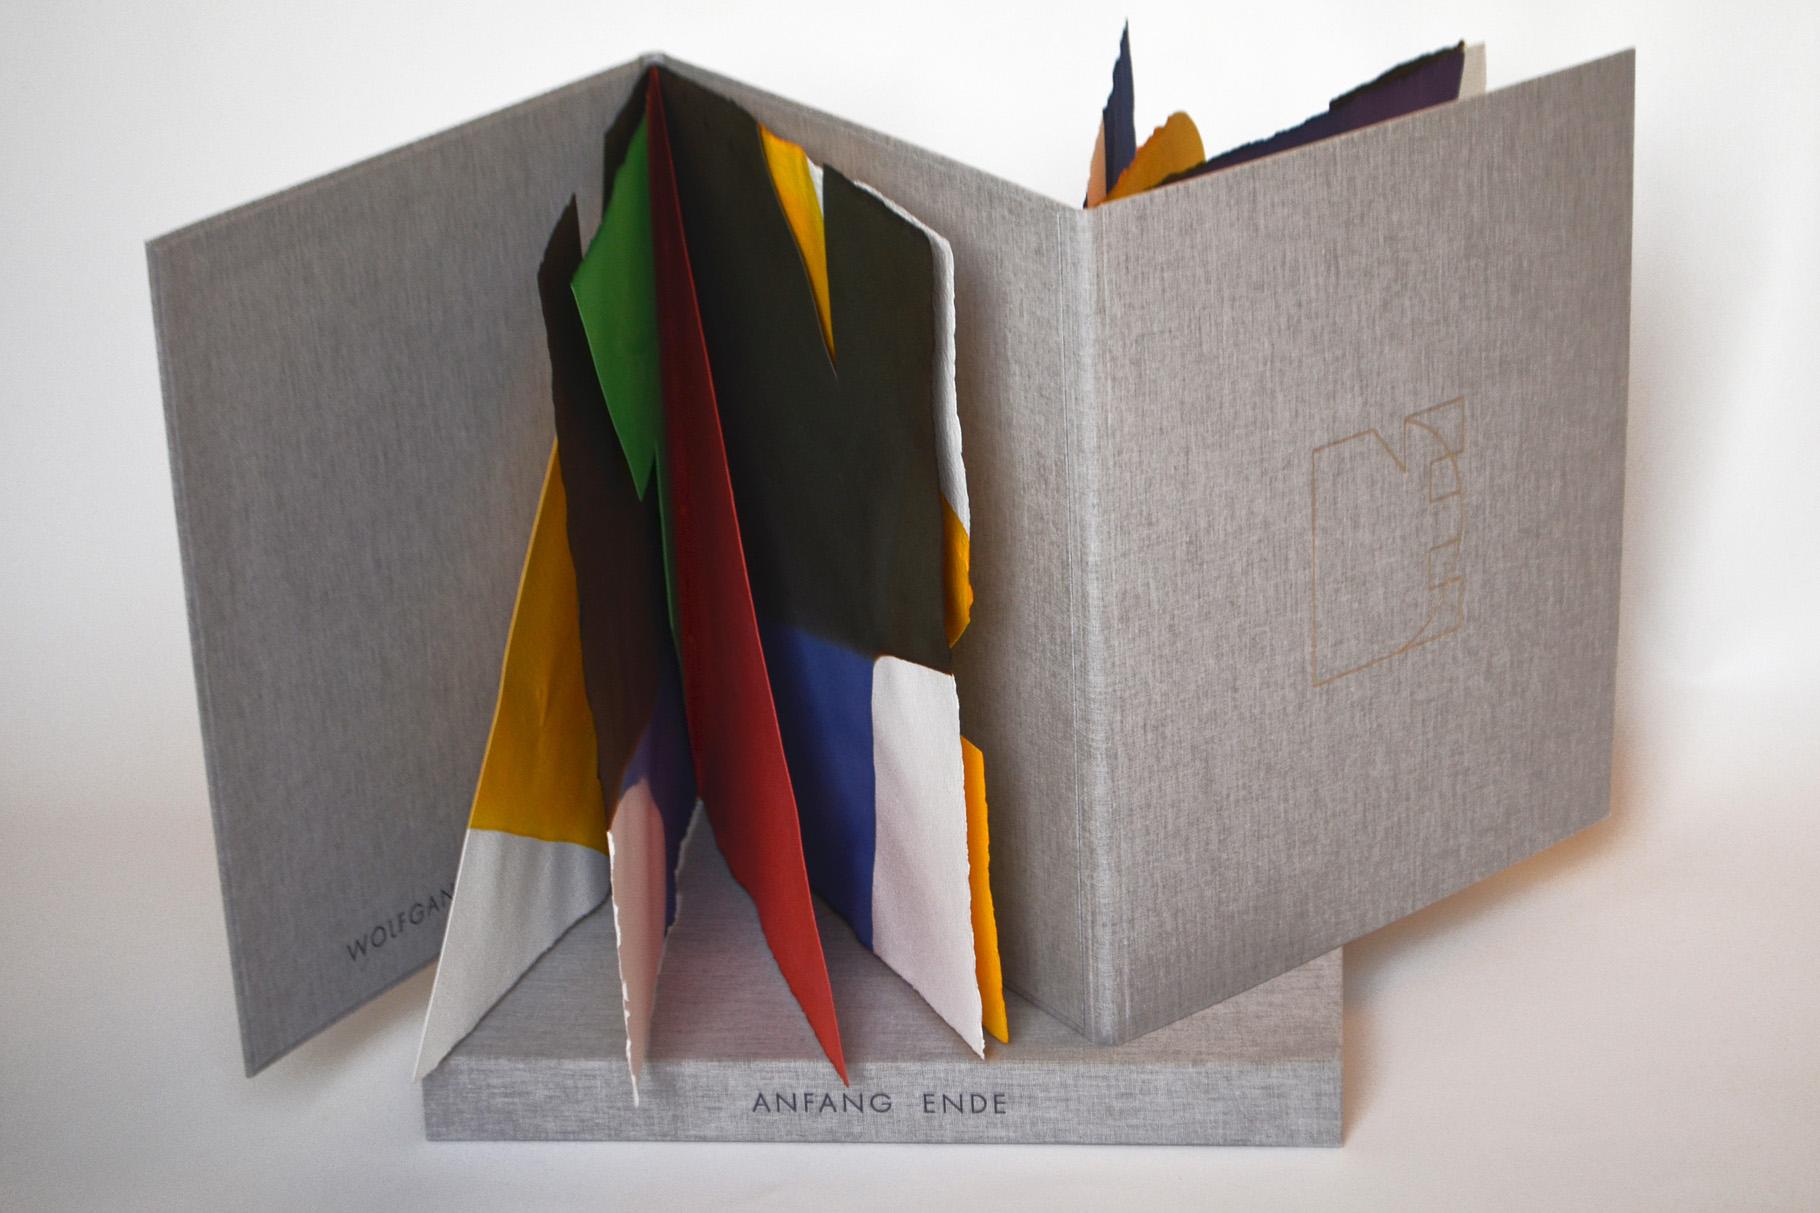 """""""Anfang Ende"""" (2010) - Ein Künstlerbuch von Wolfgang Heuwinkel, hergestellt in Zusammenarbeit mit John Gerard"""